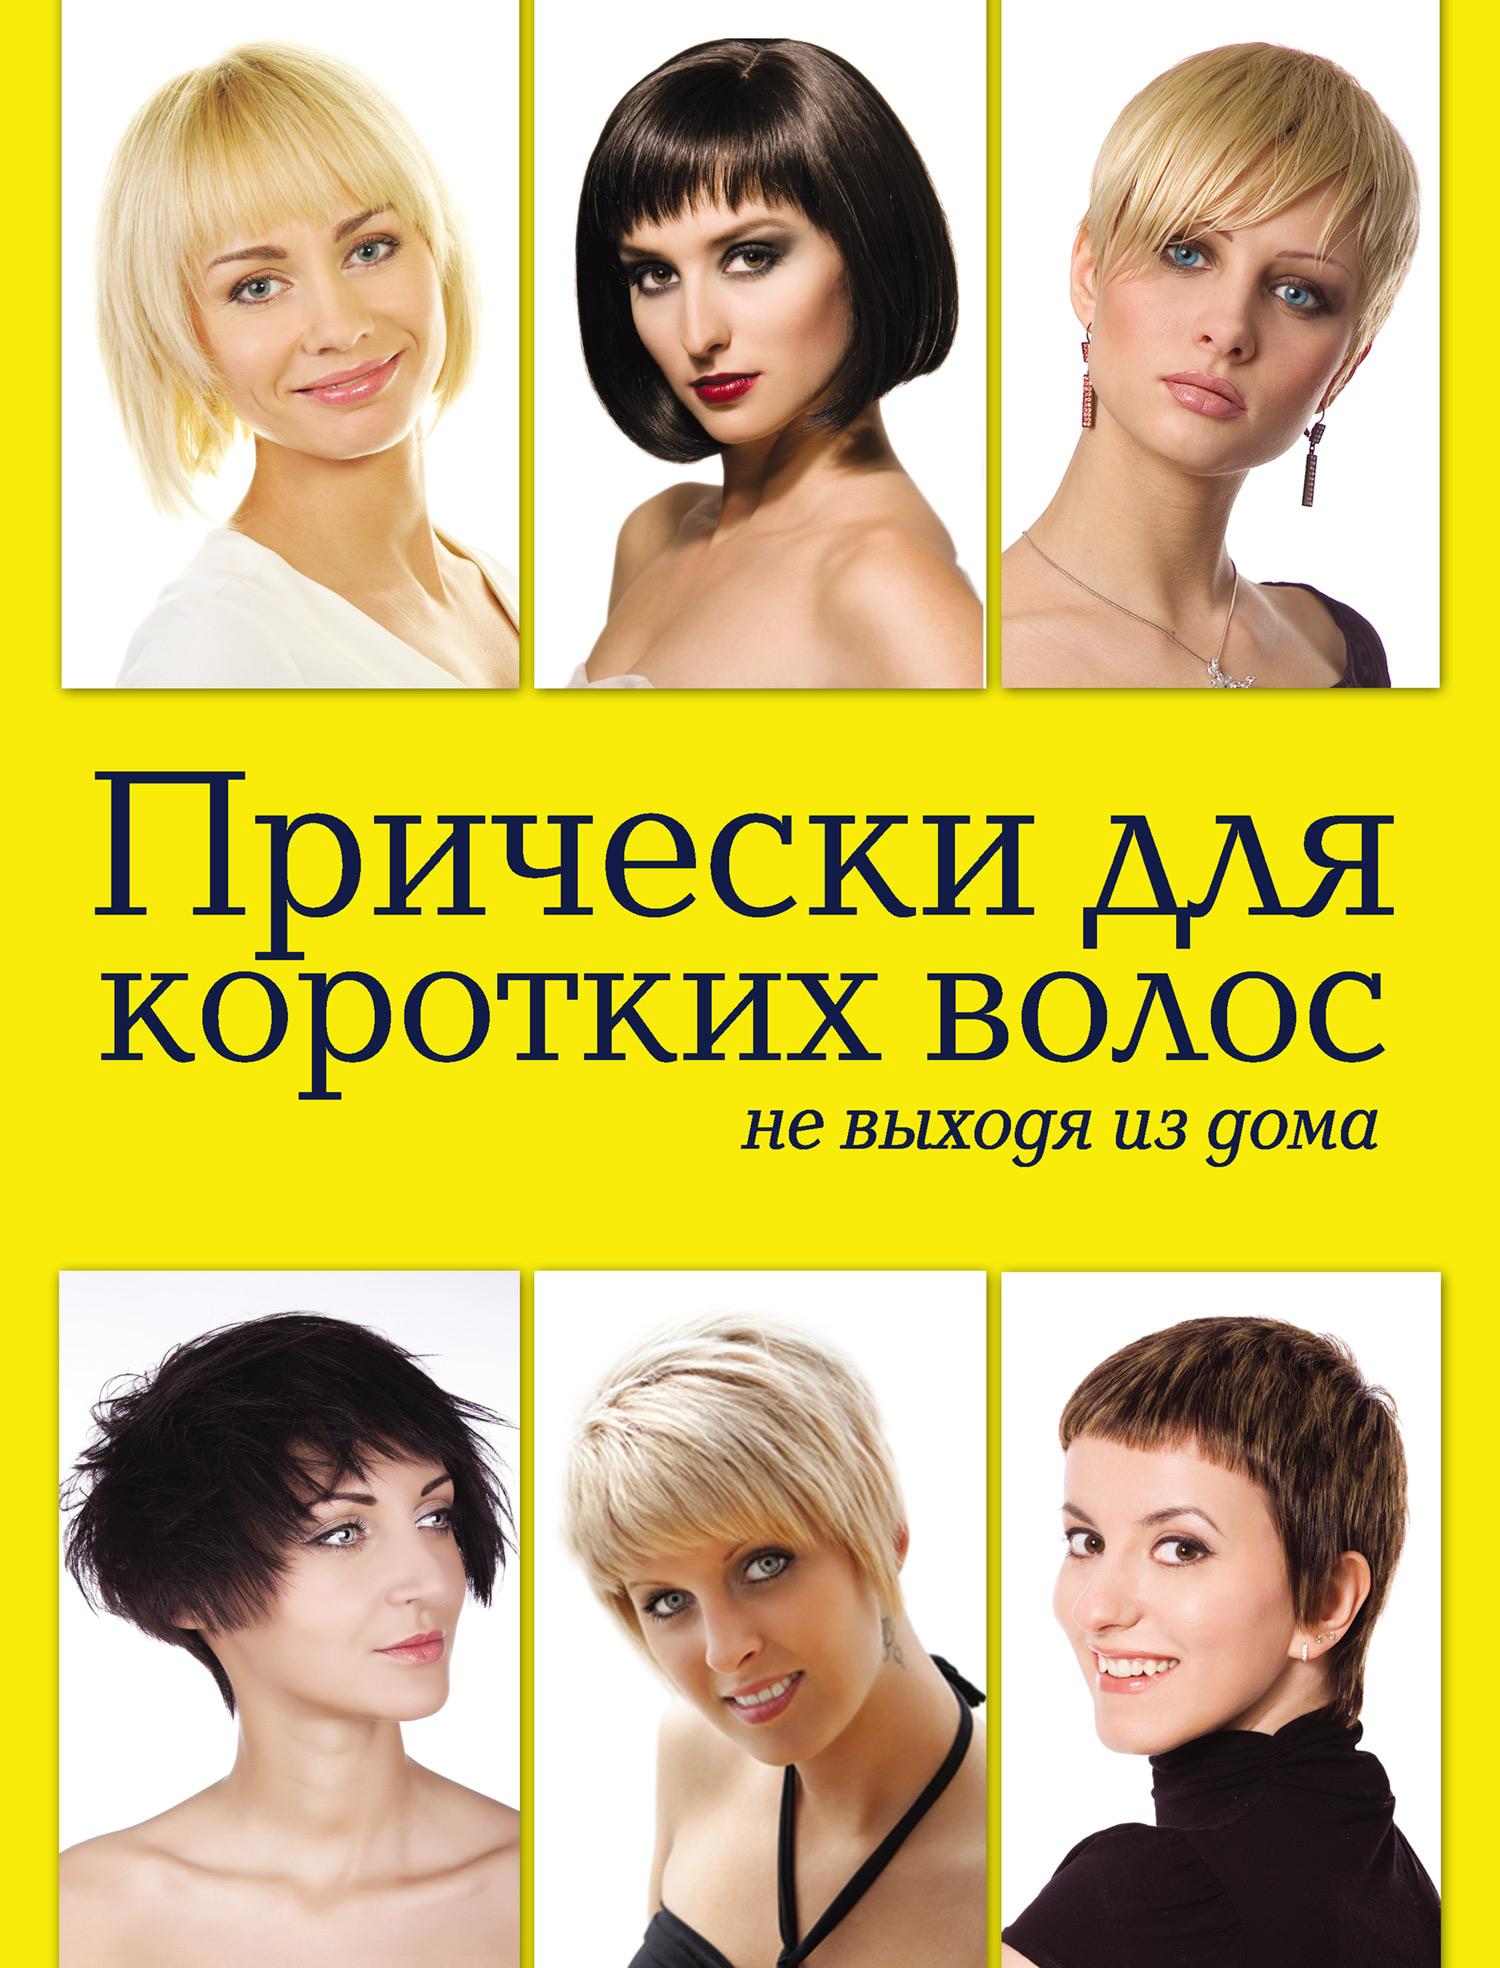 Елена Живилкова Прически для коротких волос не выходя из дома елена живилкова стильные косы и косички не выходя из дома krasota модные прически